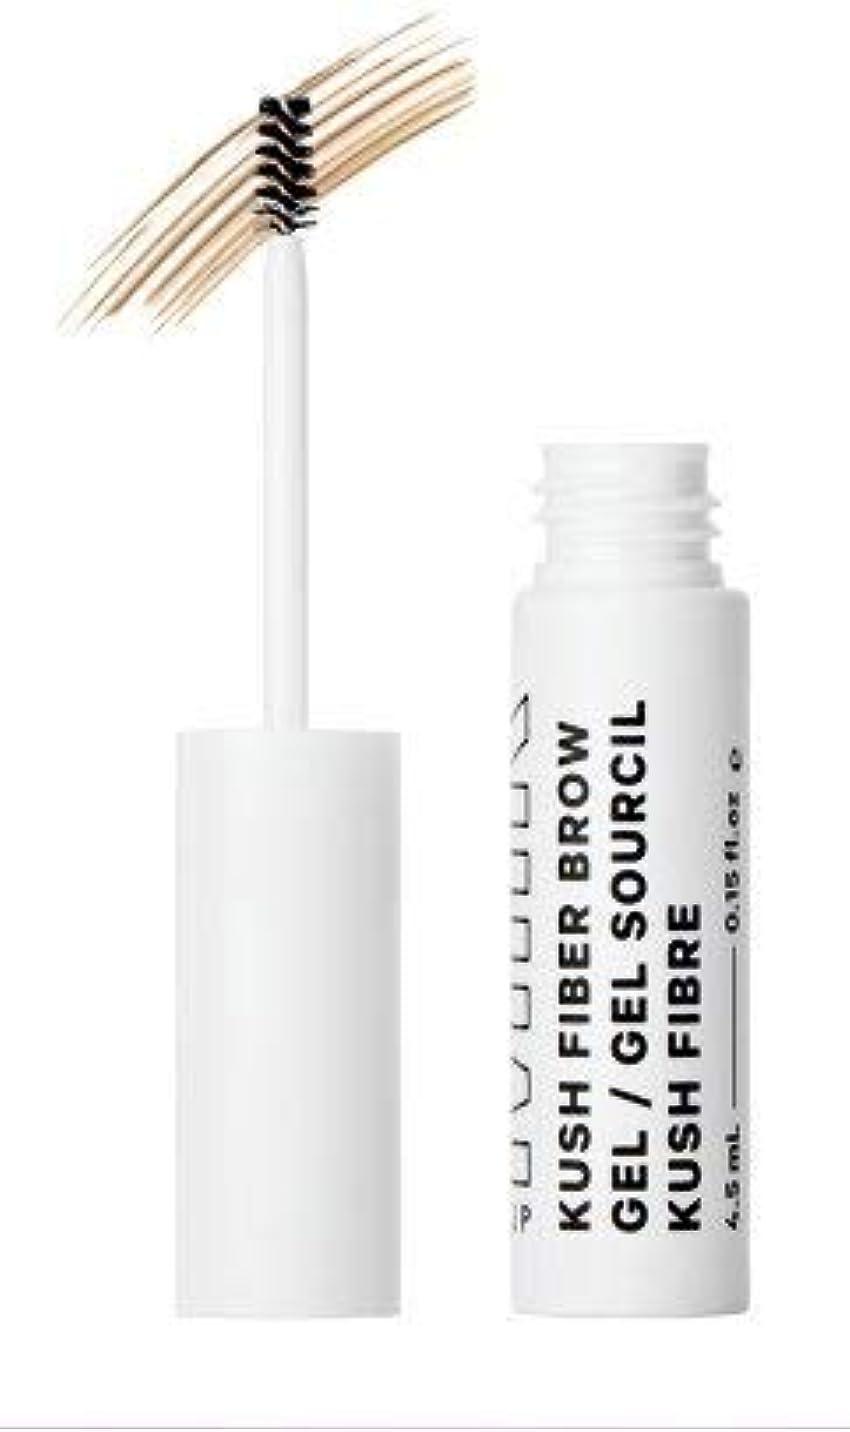 旅行者読み書きのできない予防接種するMilk Makeup Kush Fiber Brow Gel 0.15 FL OZ (Haze - Blonde to Brown hair colors) [並行輸入品]